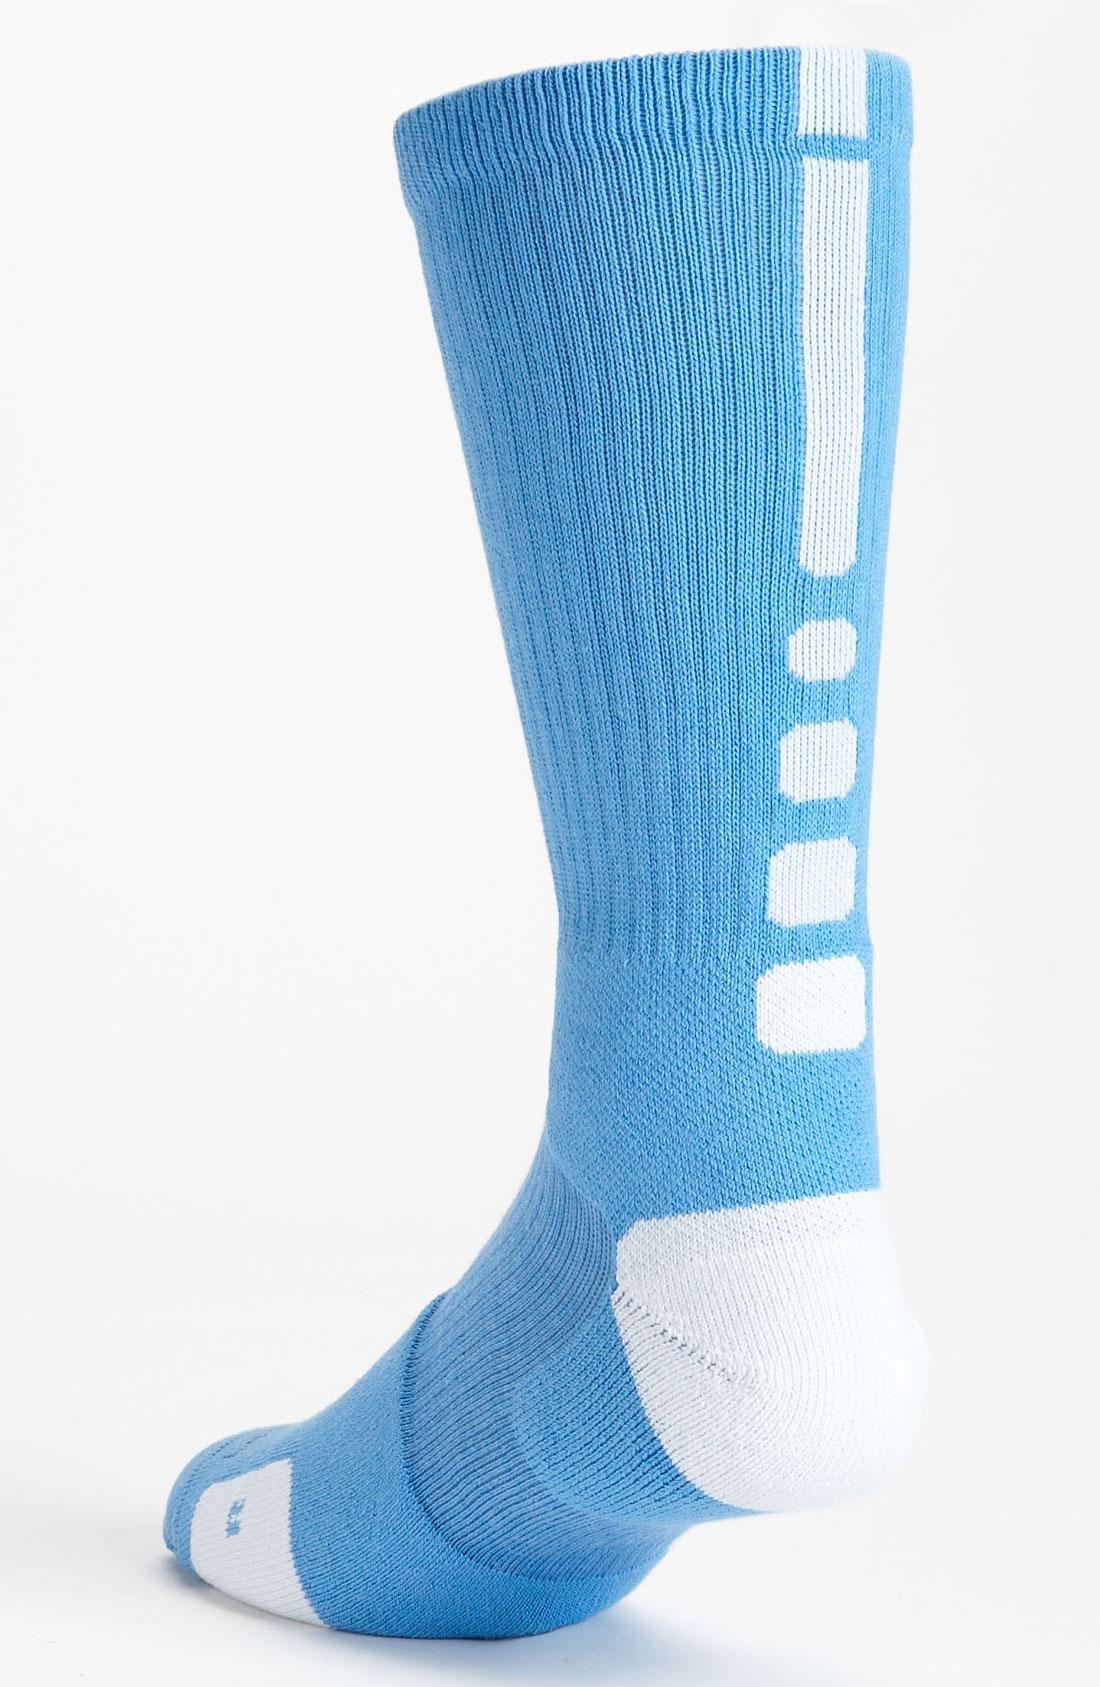 Nike Elite Basketball Crew Socks In Blue For Men Lyst